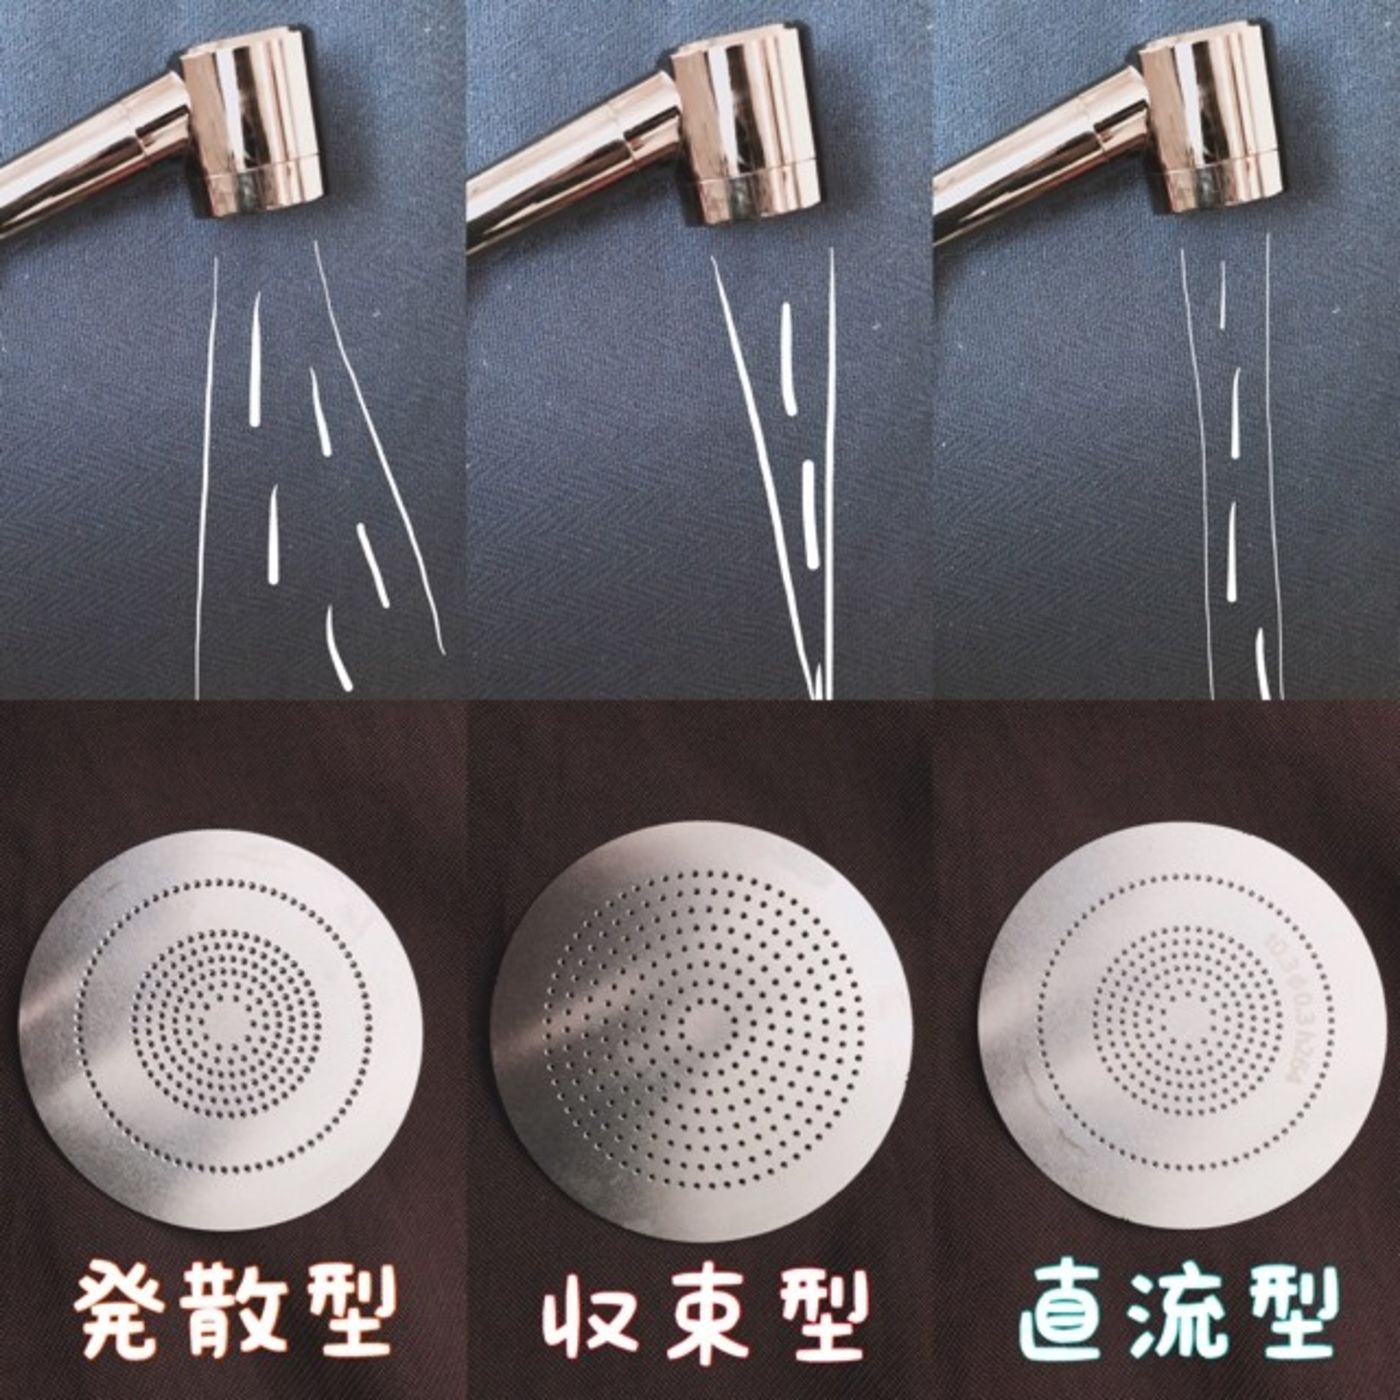 【節水にもなる♪】シャワーの種類変えれます!